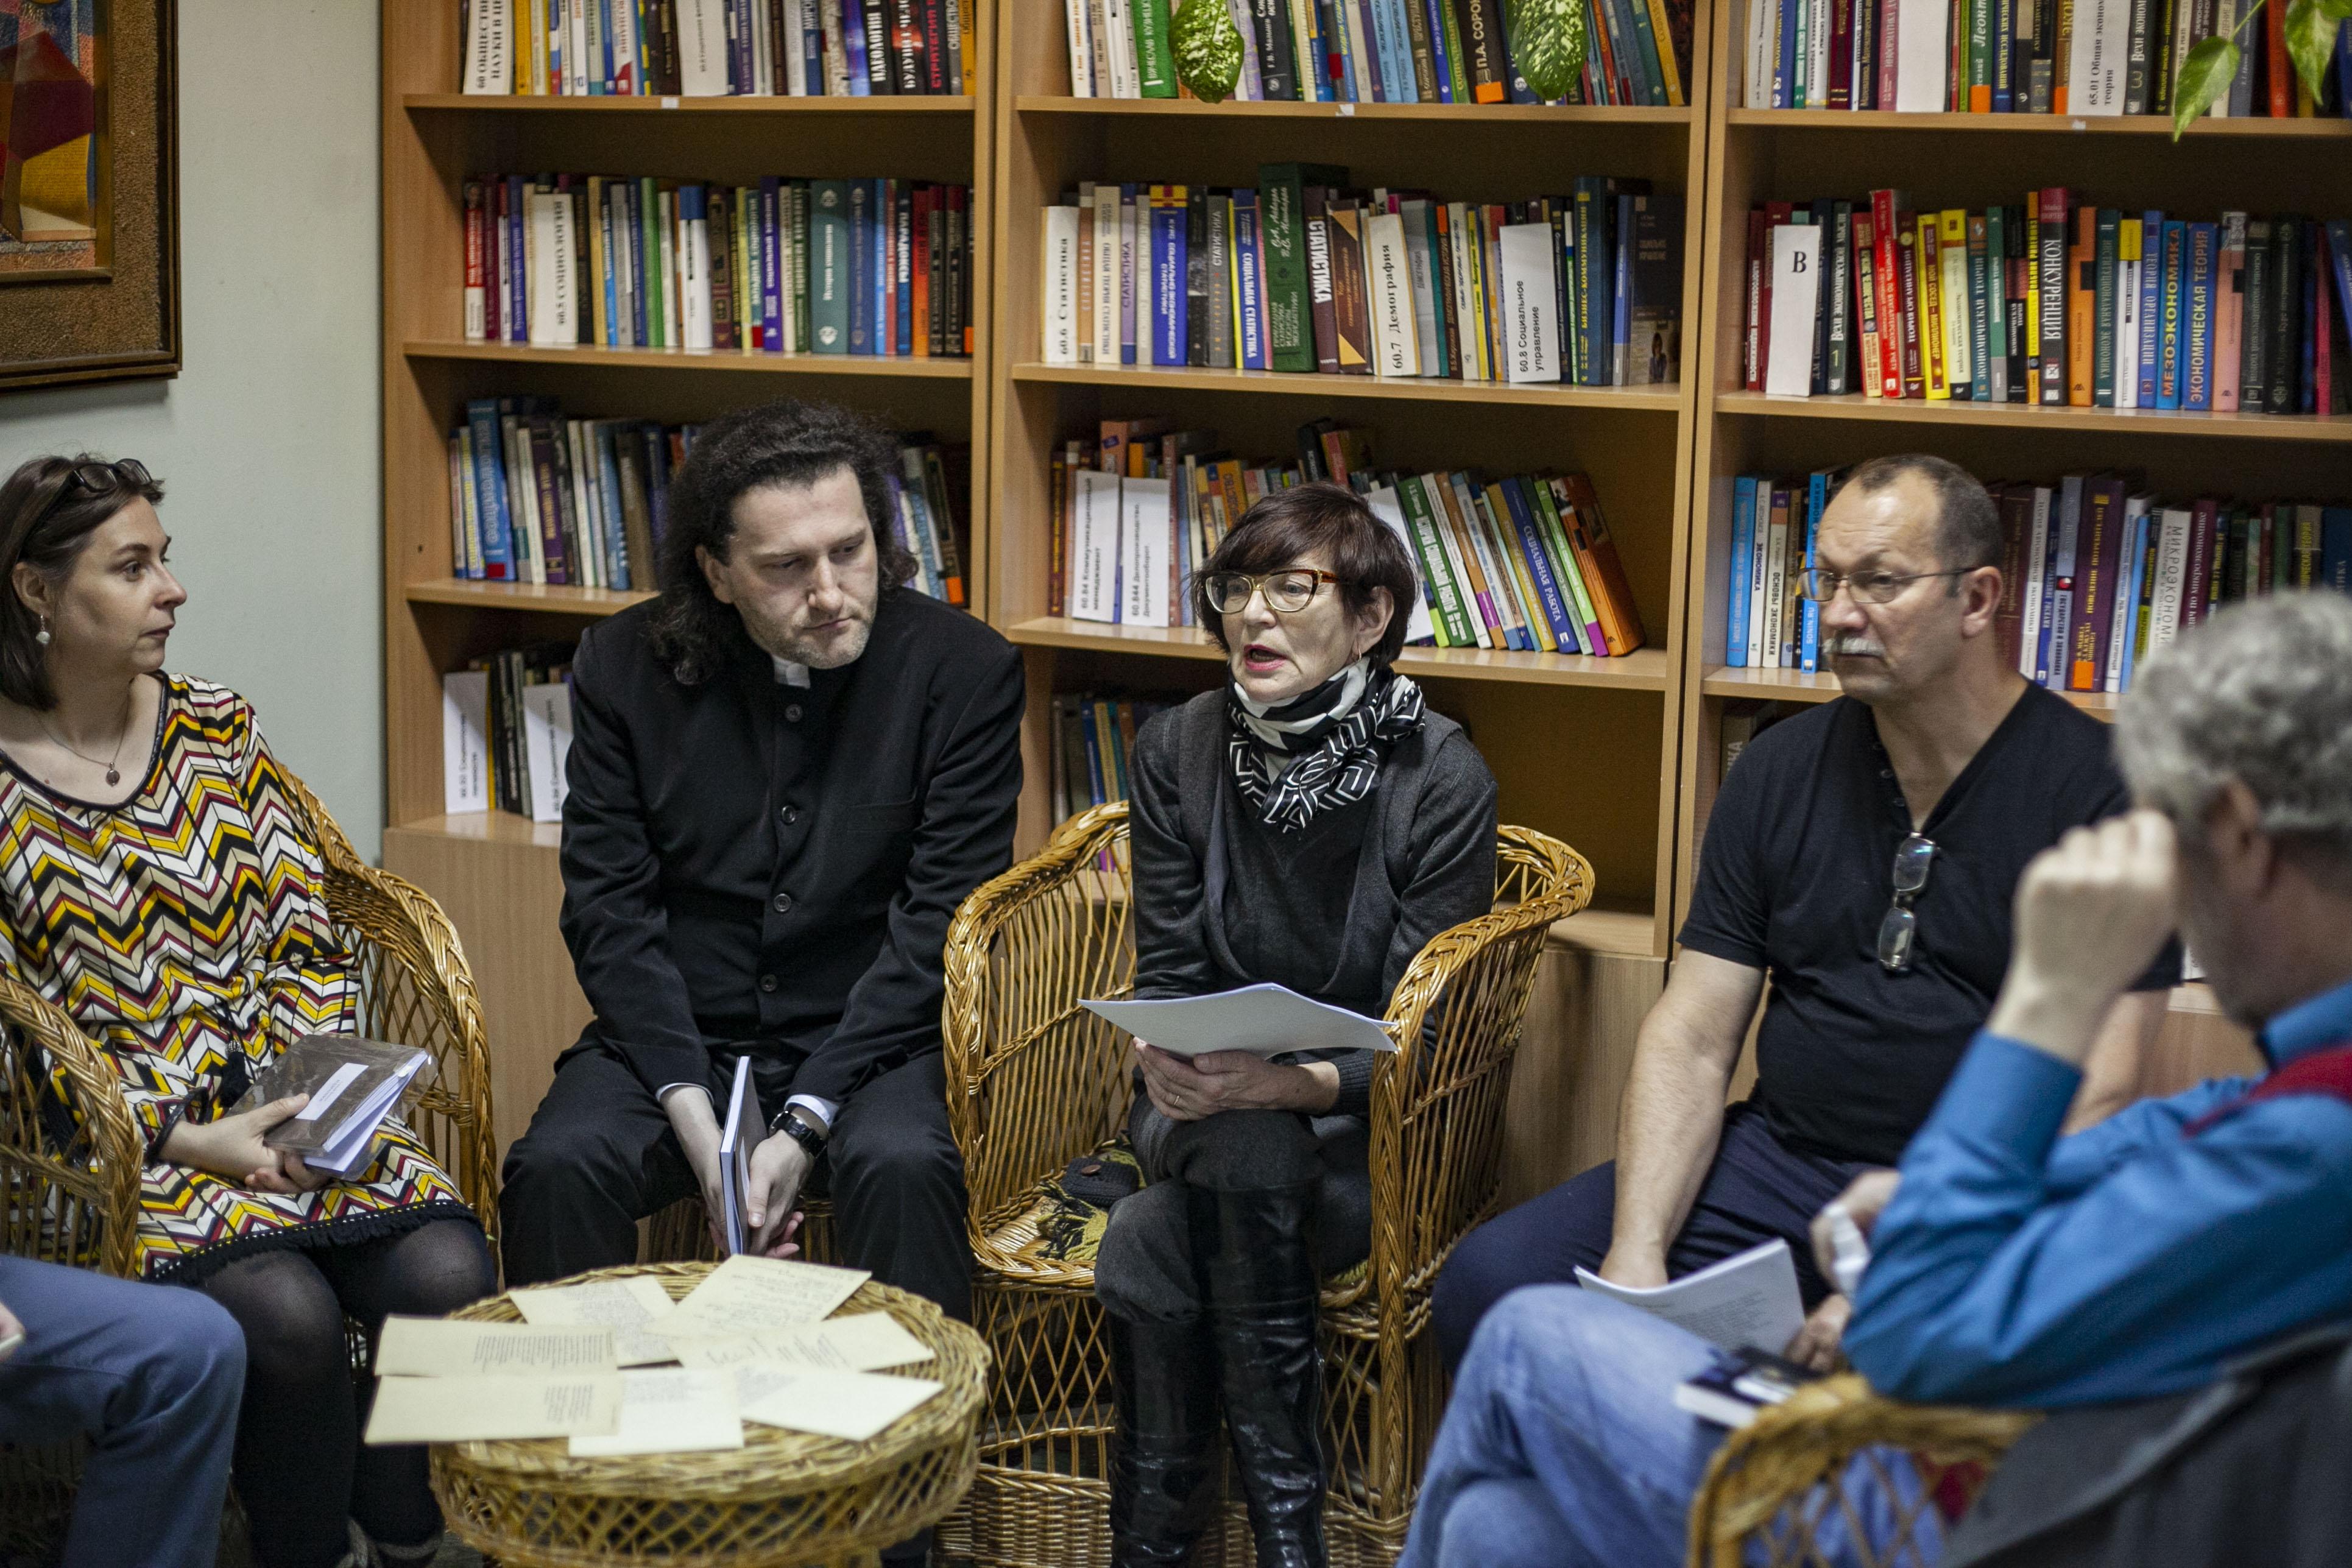 Фото здесь и далее Арсения Тимашова.